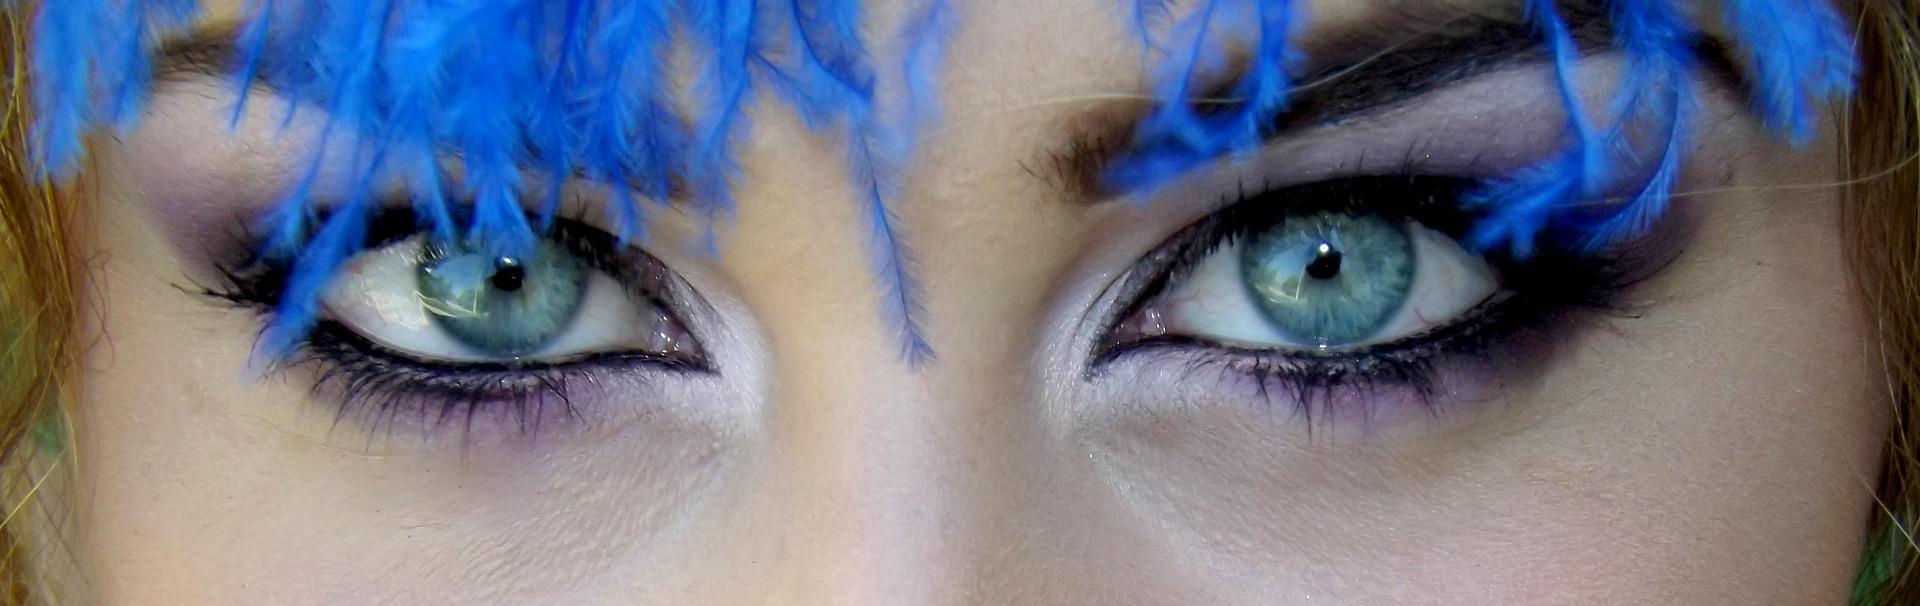 eye-881895_1920.jpg